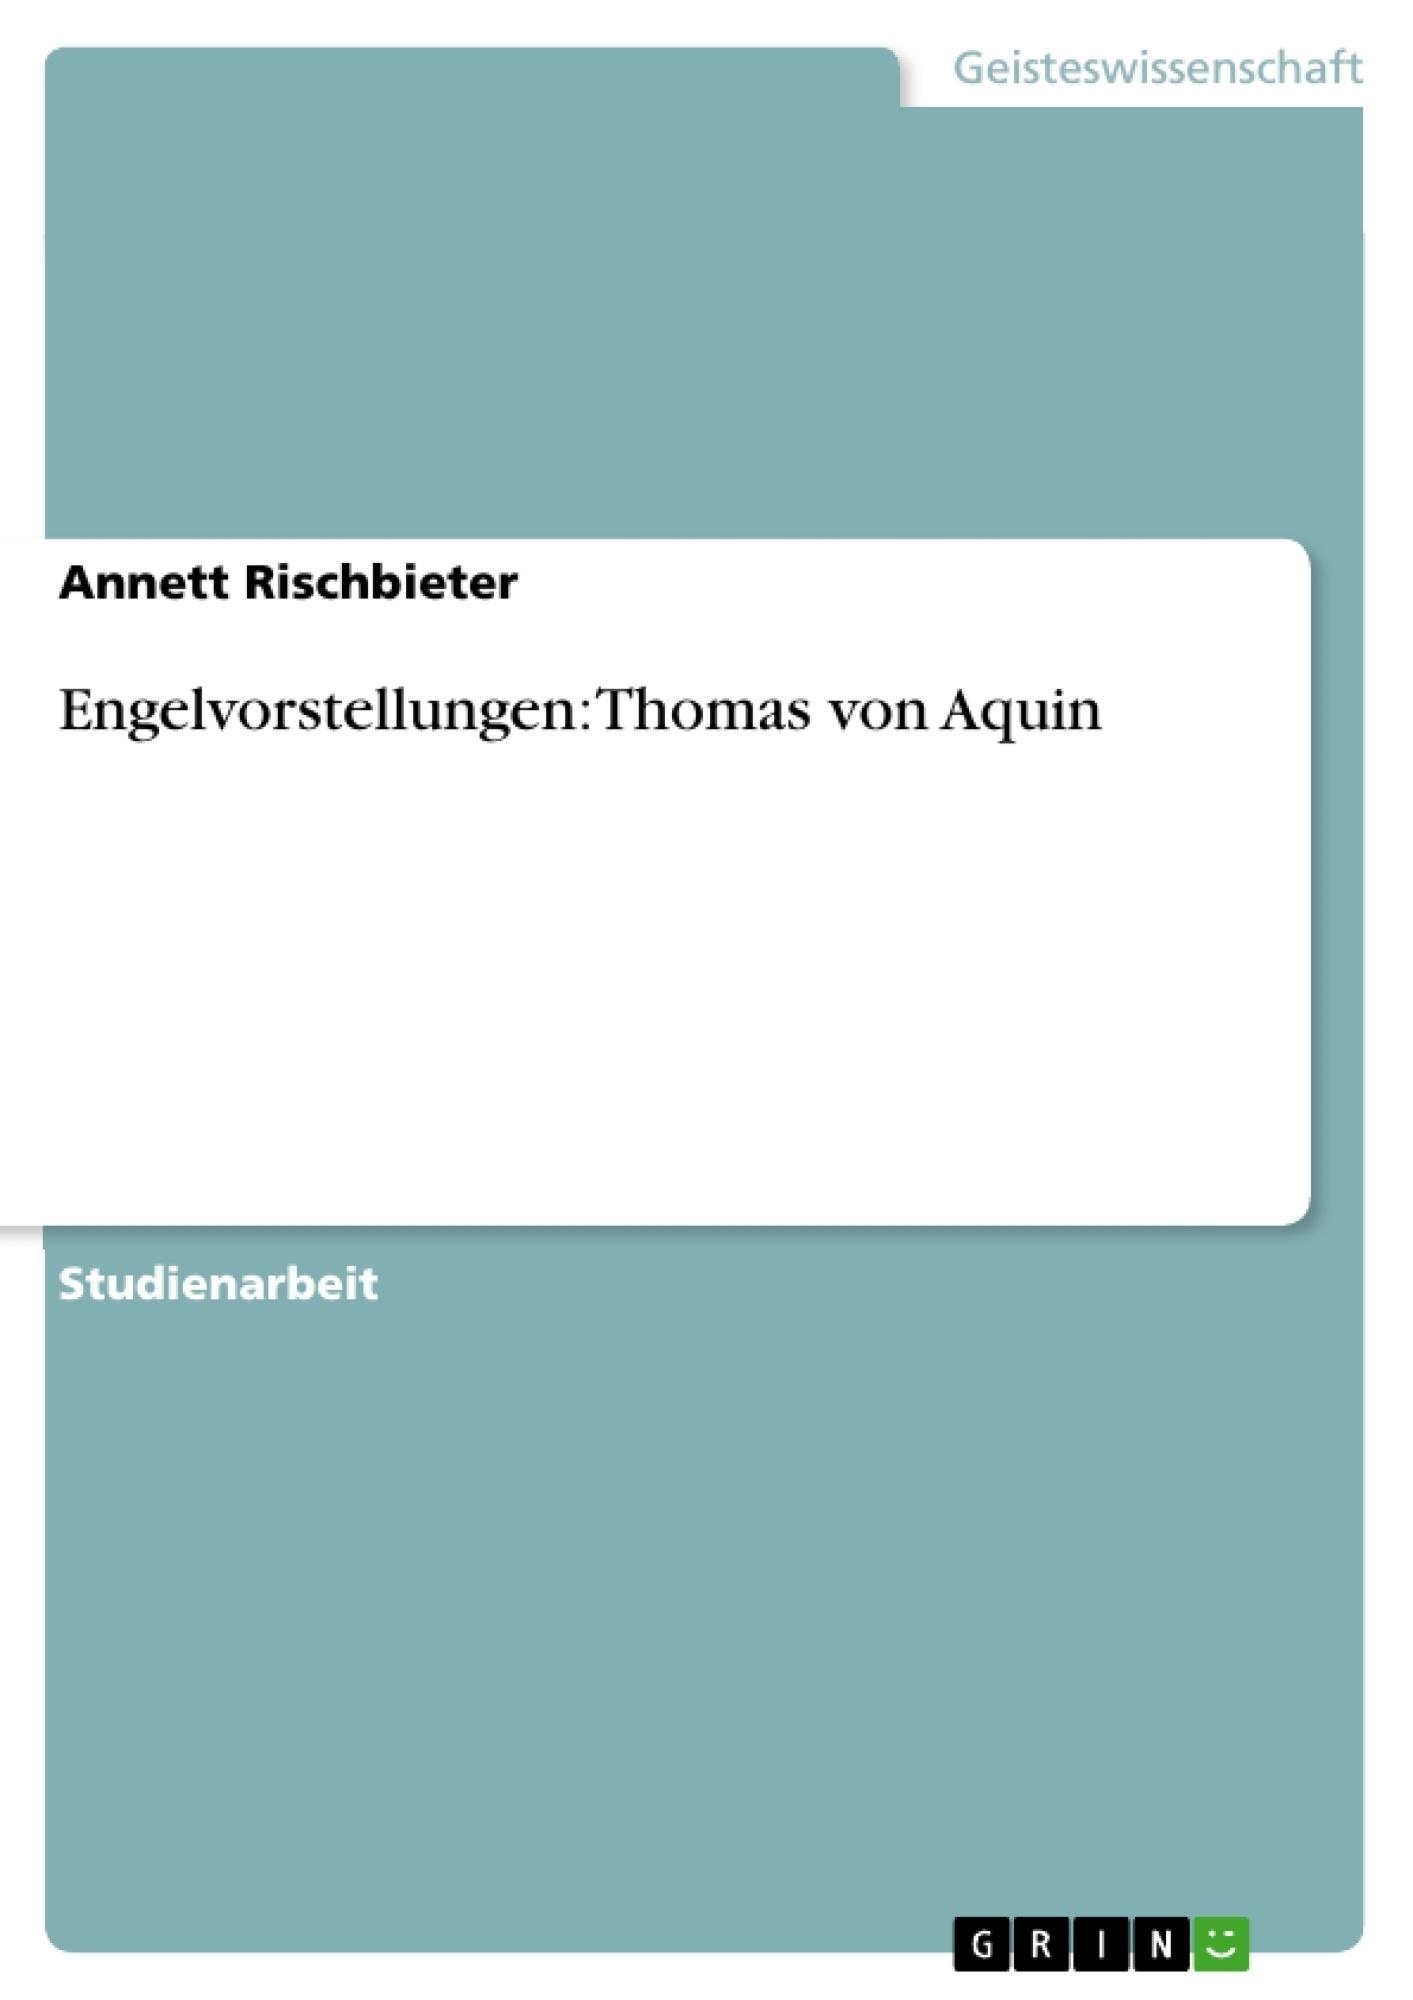 Titel: Engelvorstellungen: Thomas von Aquin